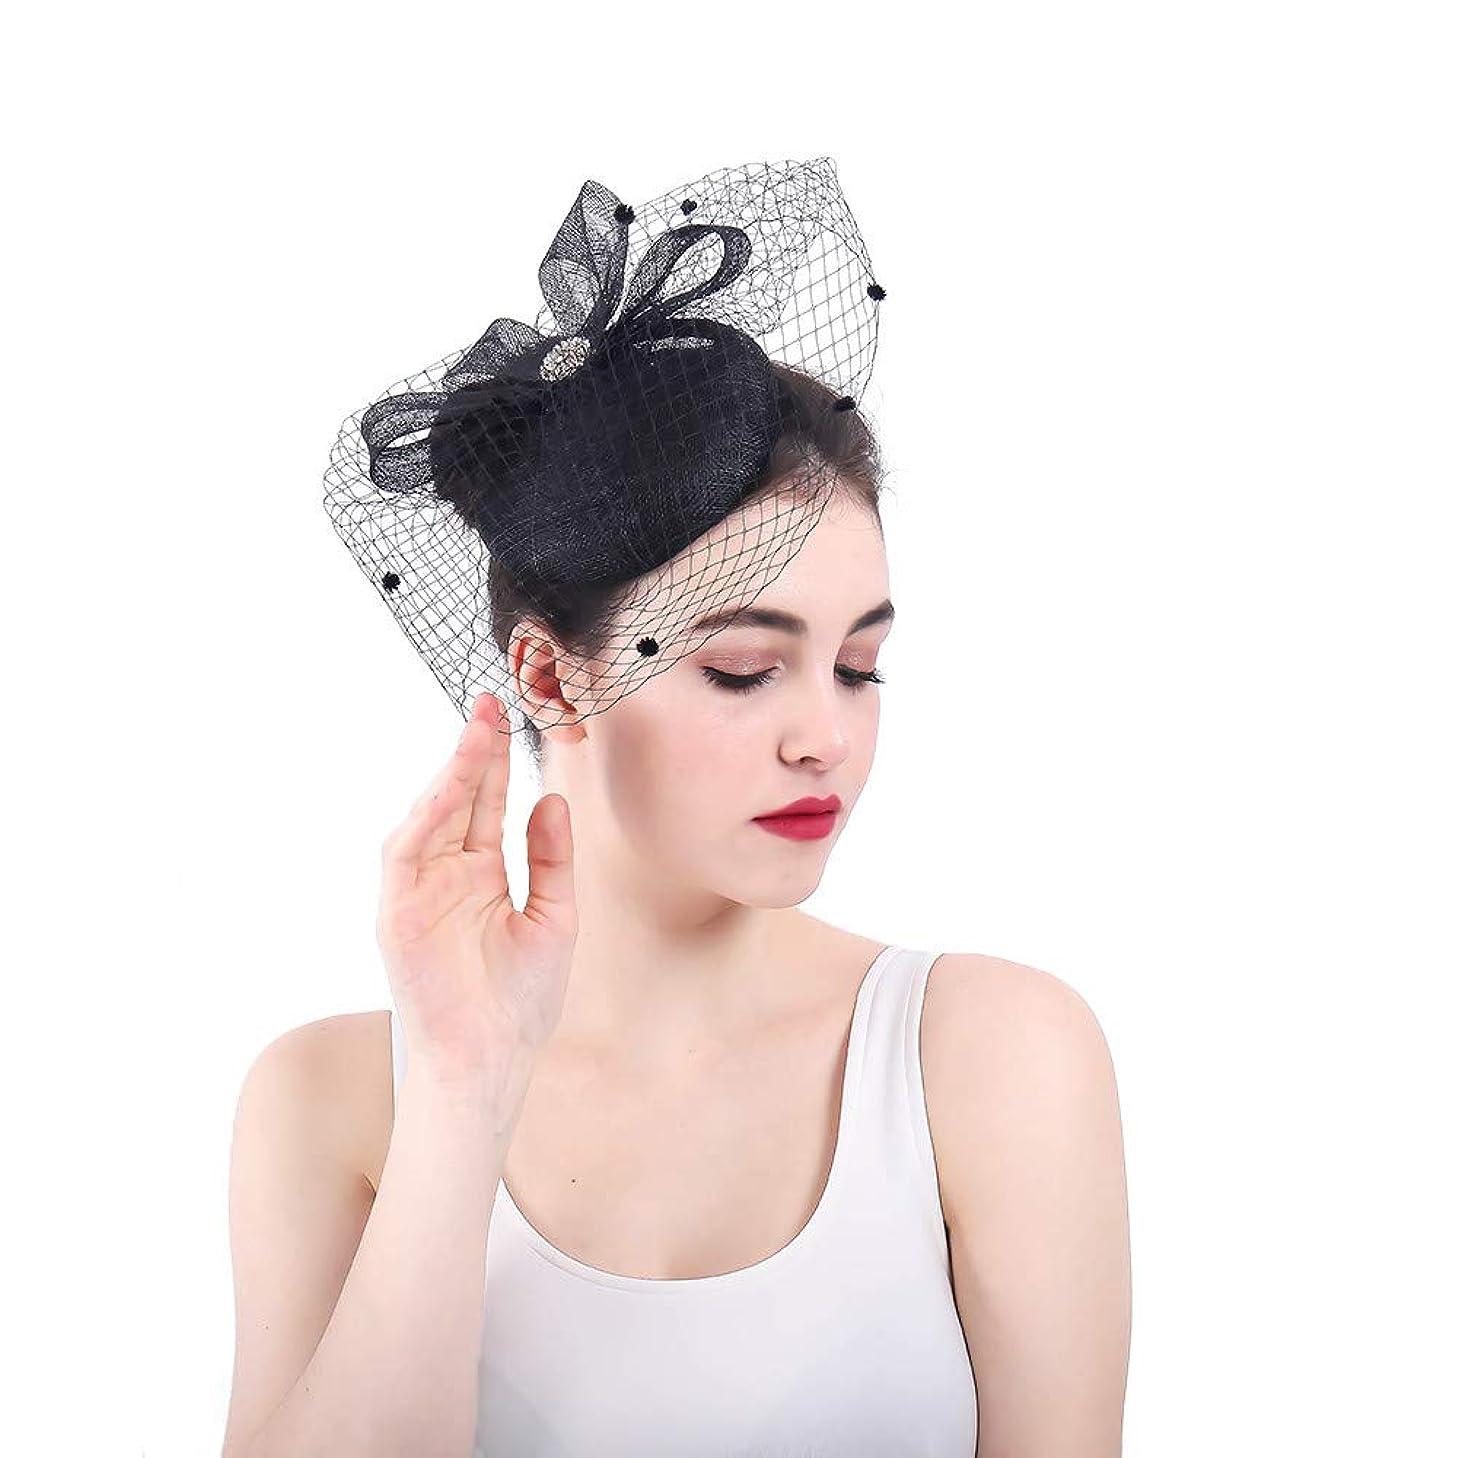 マウスピースディスカウント今日女性の魅力的な帽子 黒頭飾りフラワーハット魅惑的な結婚式の女性の日ツアーロイヤルアスコット